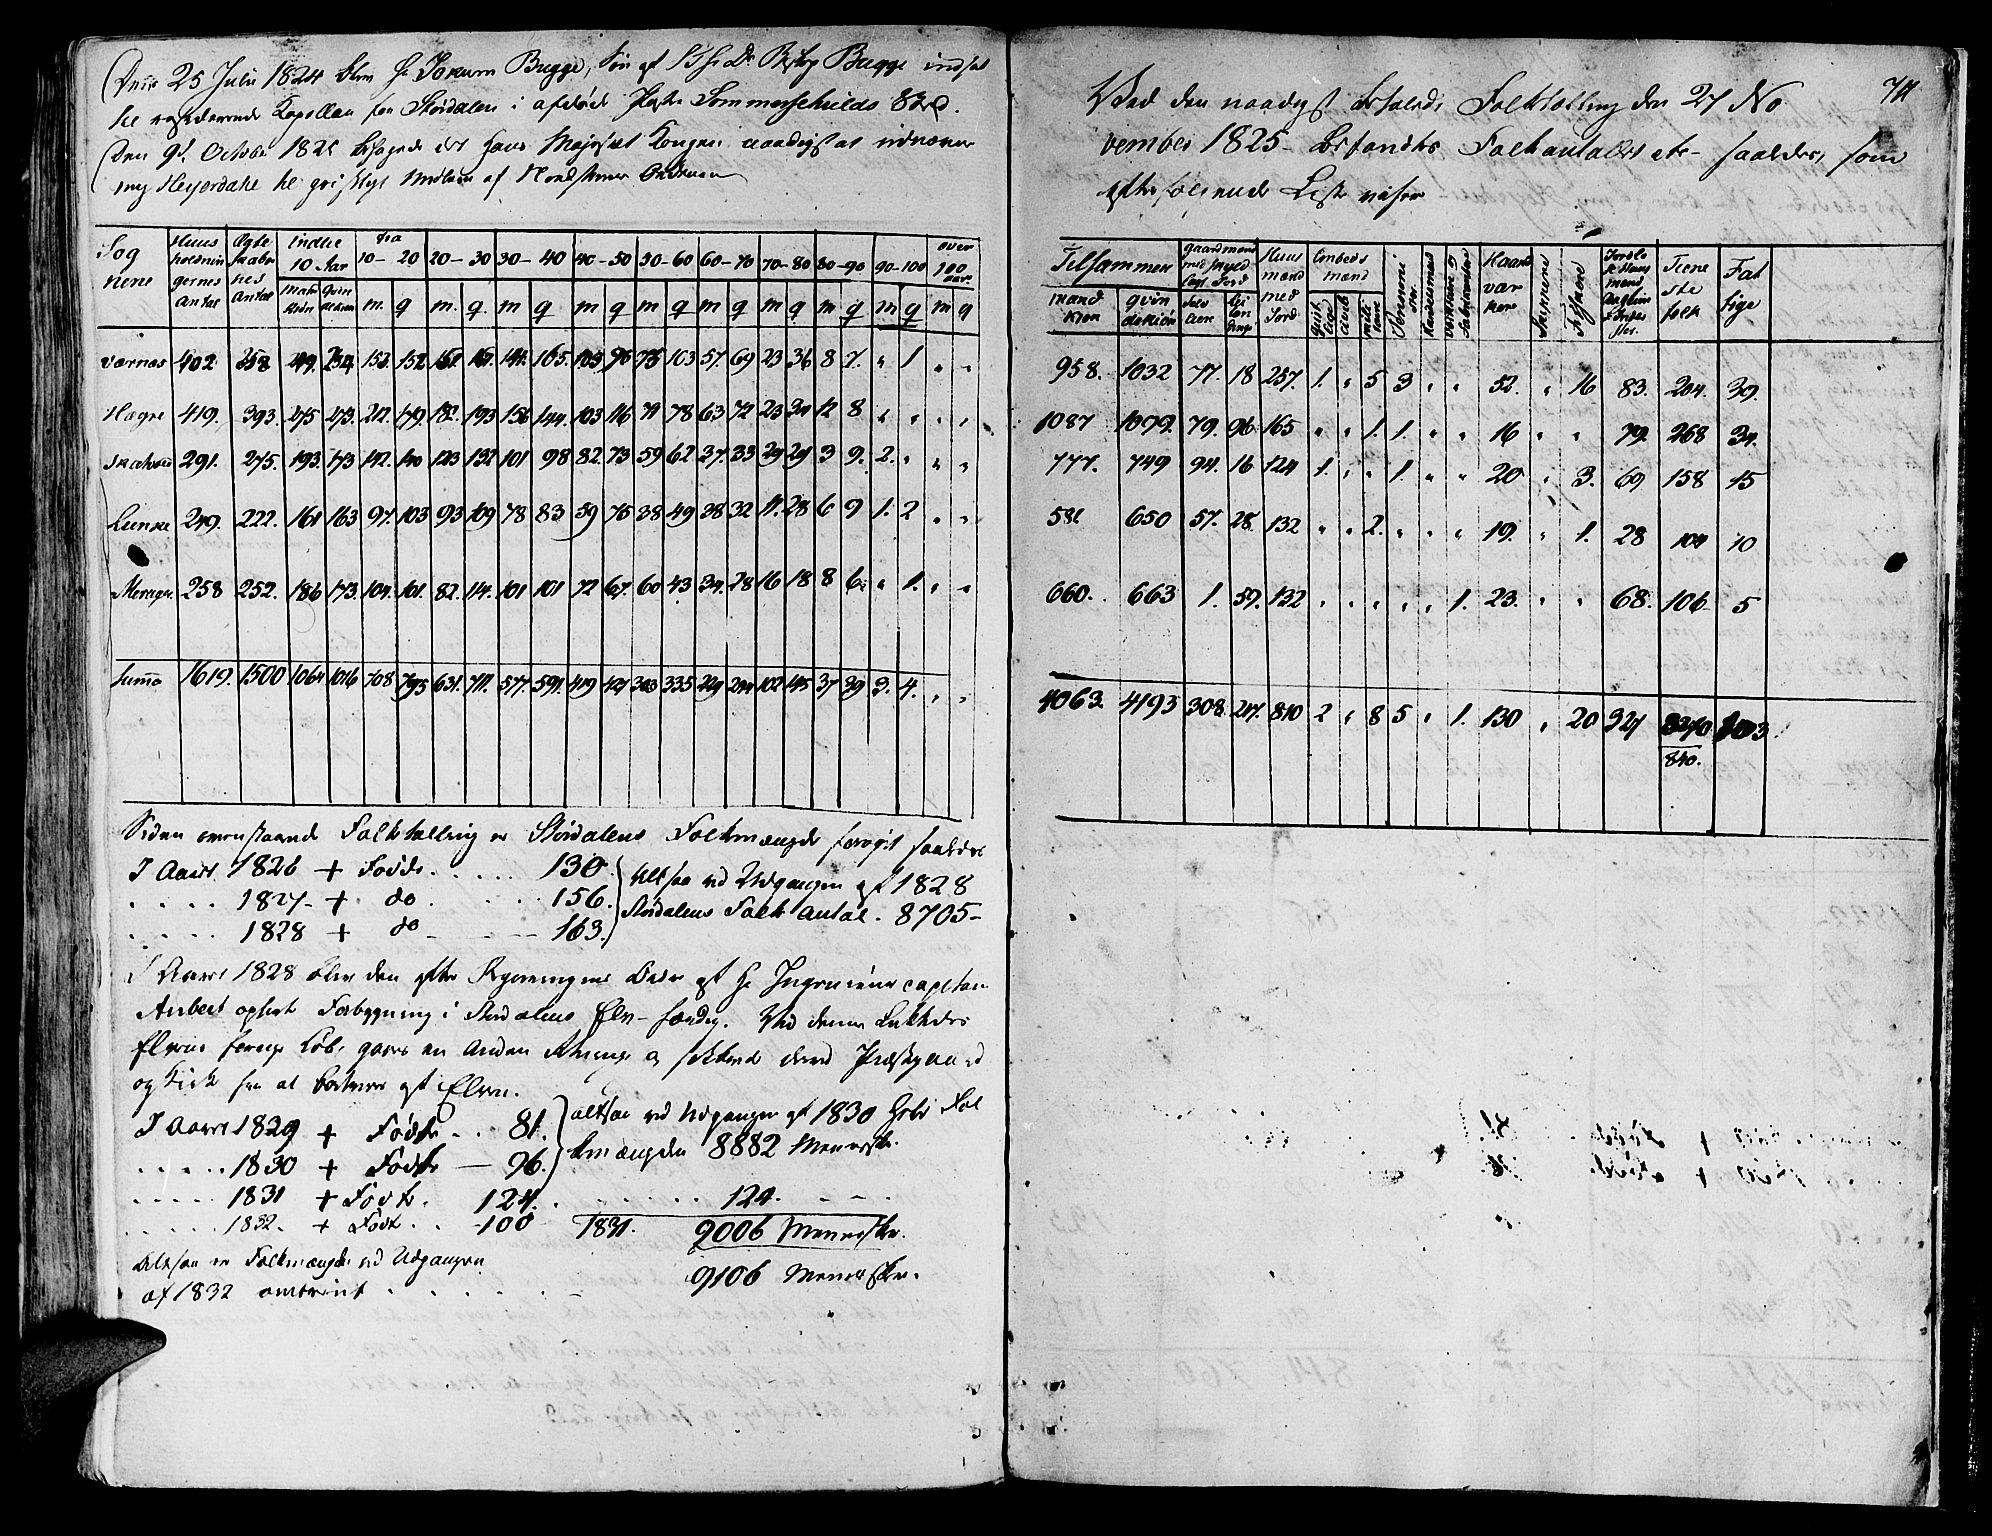 SAT, Ministerialprotokoller, klokkerbøker og fødselsregistre - Nord-Trøndelag, 709/L0070: Ministerialbok nr. 709A10, 1820-1832, s. 711